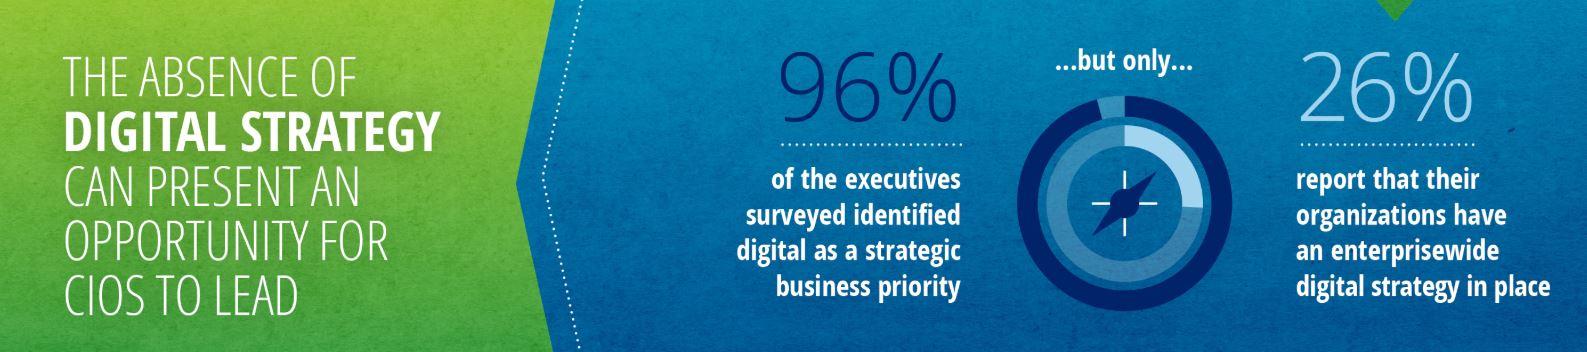 Der CIO: Meist noch zuverlässiger Dienstleister statt digitaler Wegbereiter